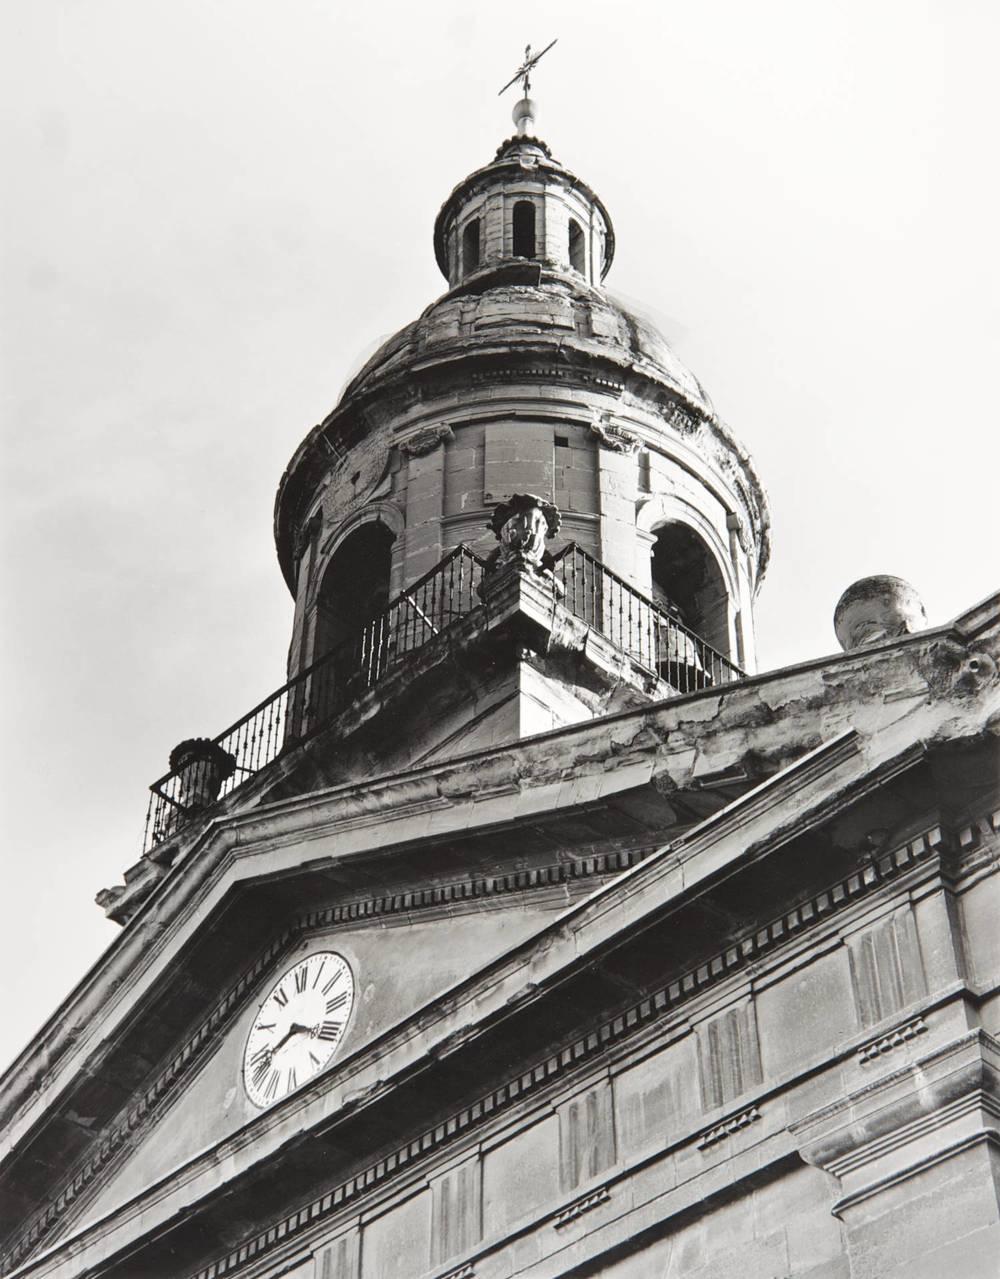 Iglesia de Santiago II (Calahorra, Spain)